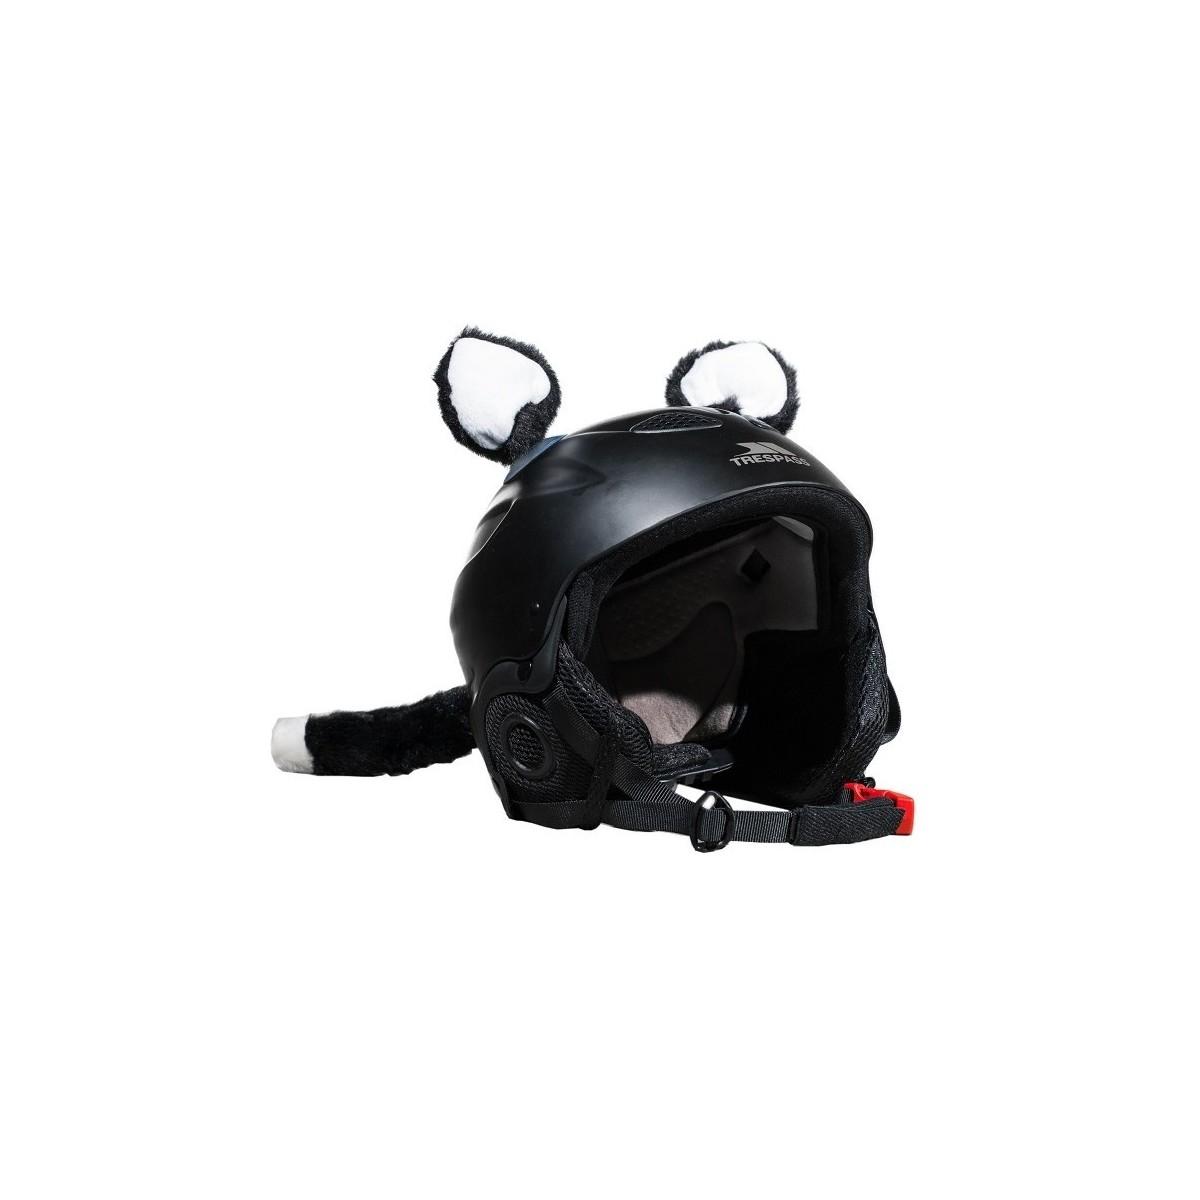 accessoire de d coration de casque moto chat moto. Black Bedroom Furniture Sets. Home Design Ideas